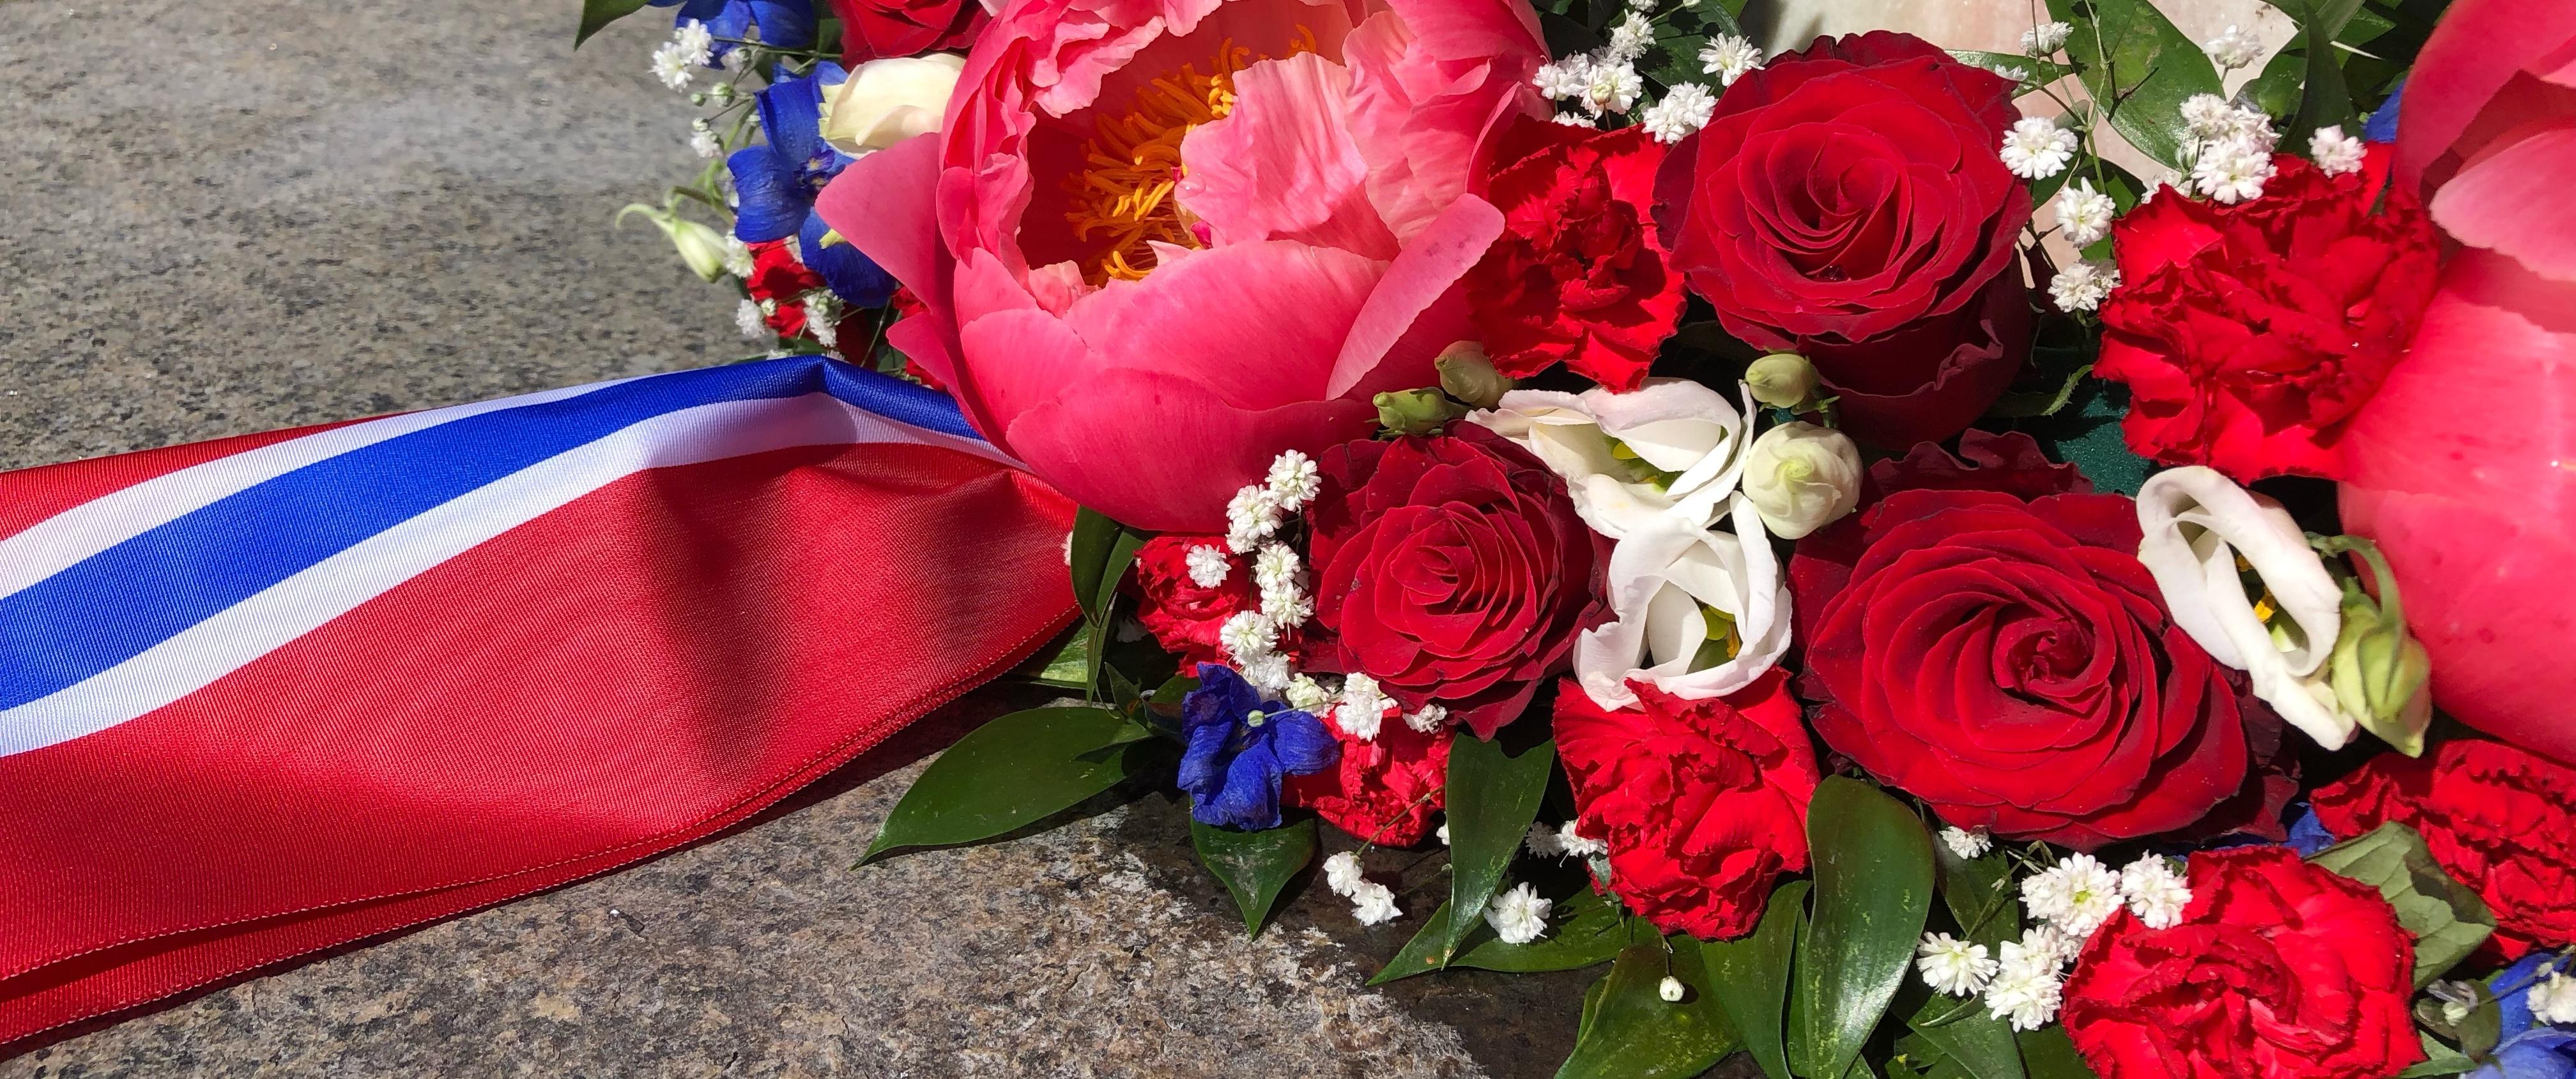 Blomst med flagg.jpeg